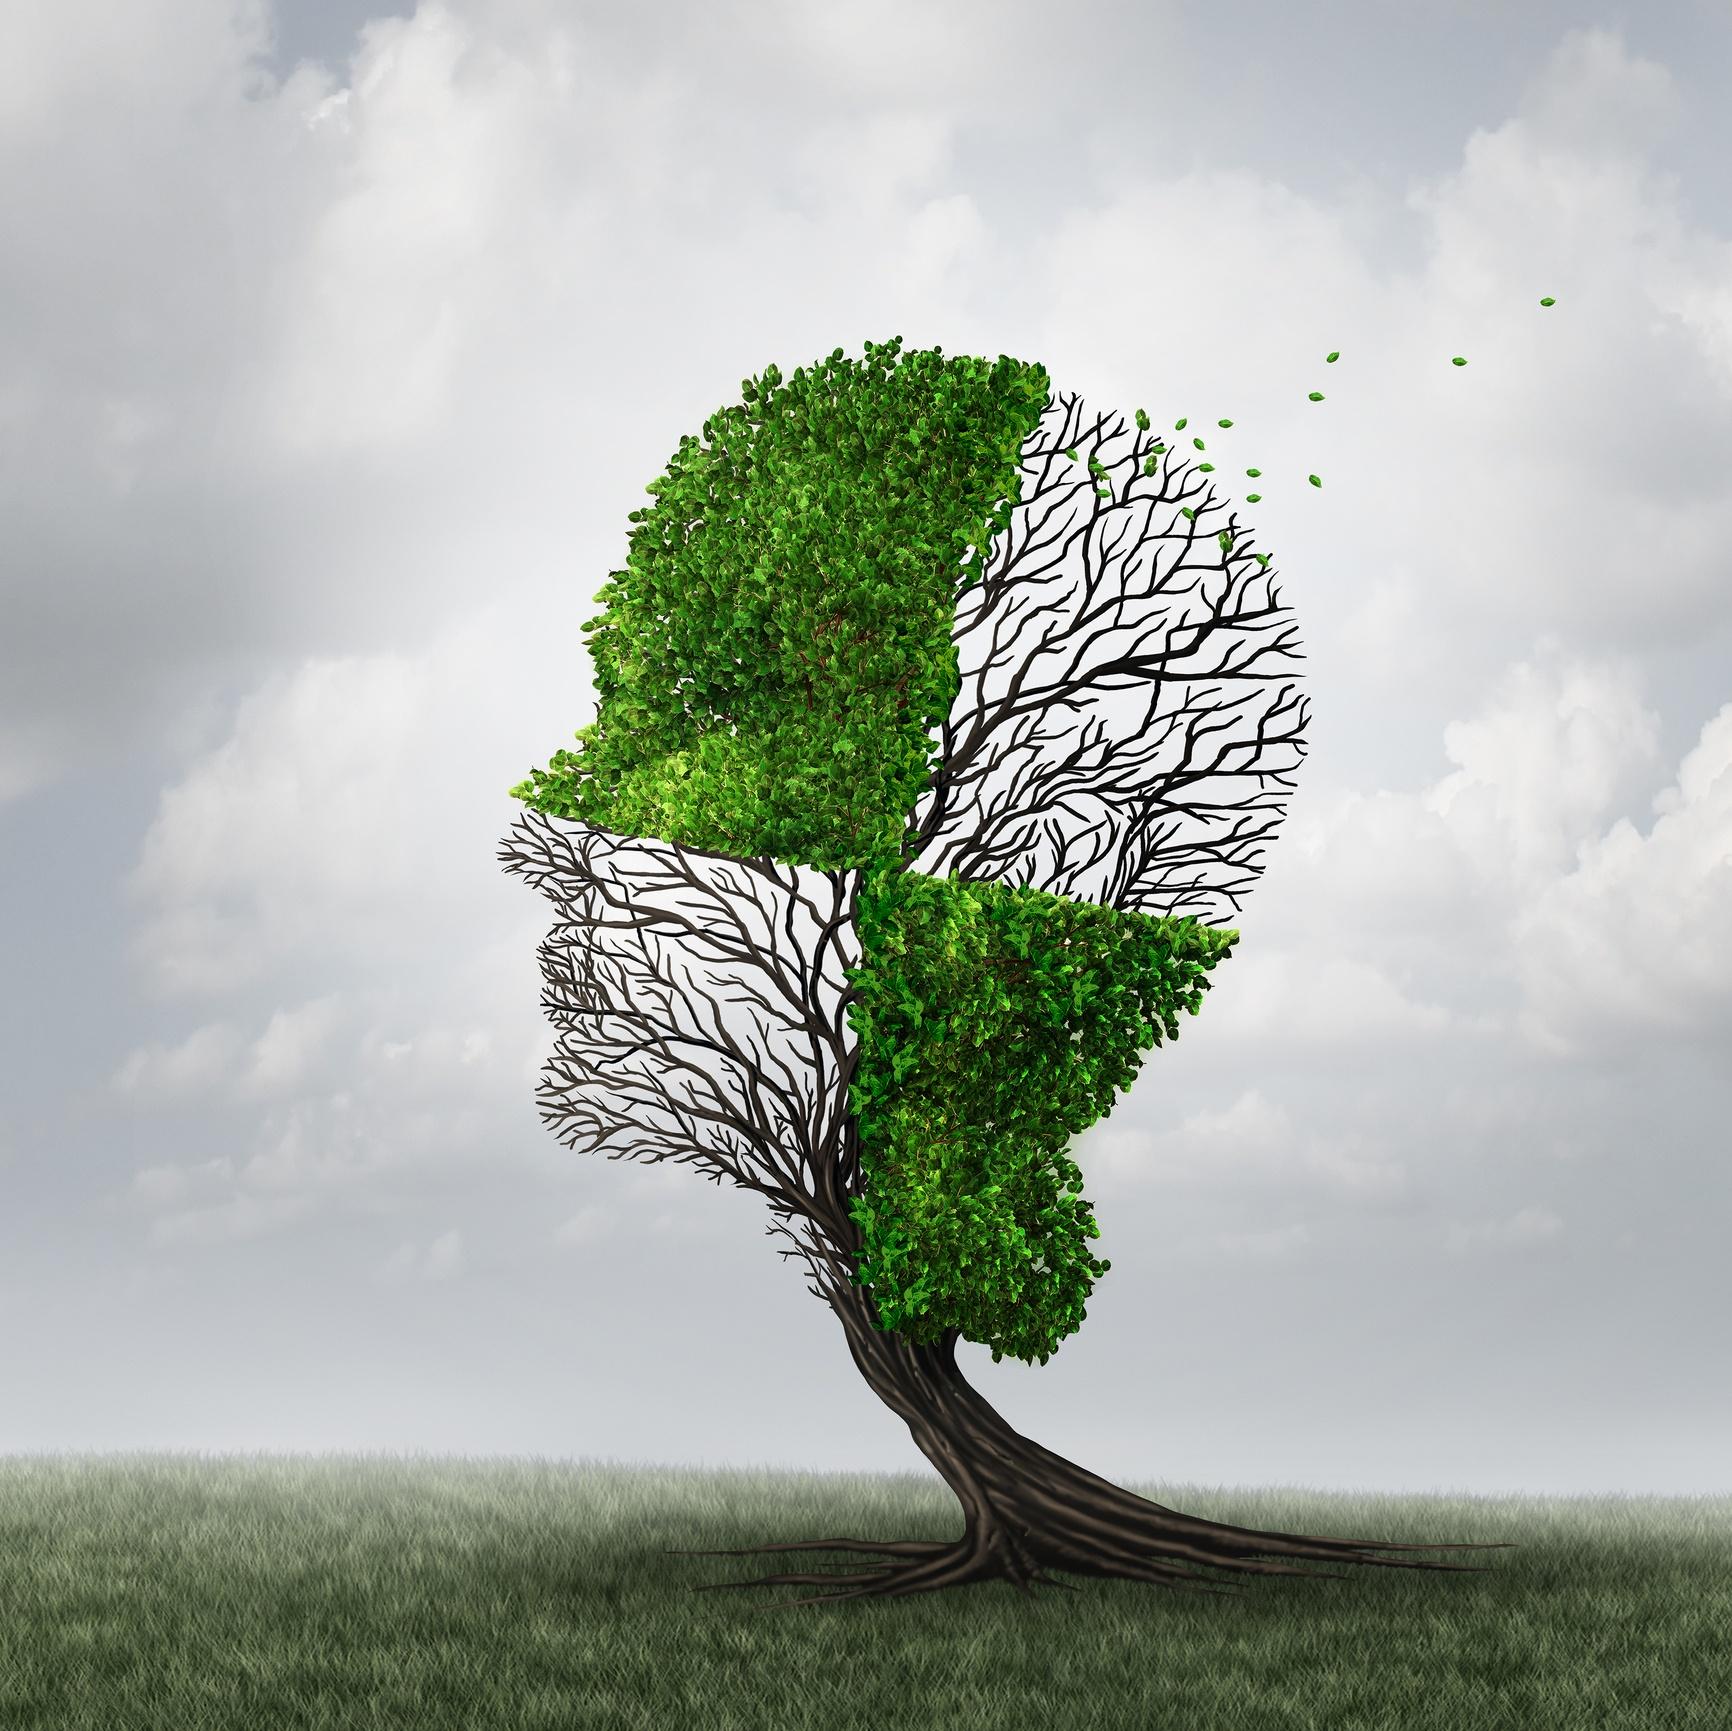 prevent-cognitive-decline